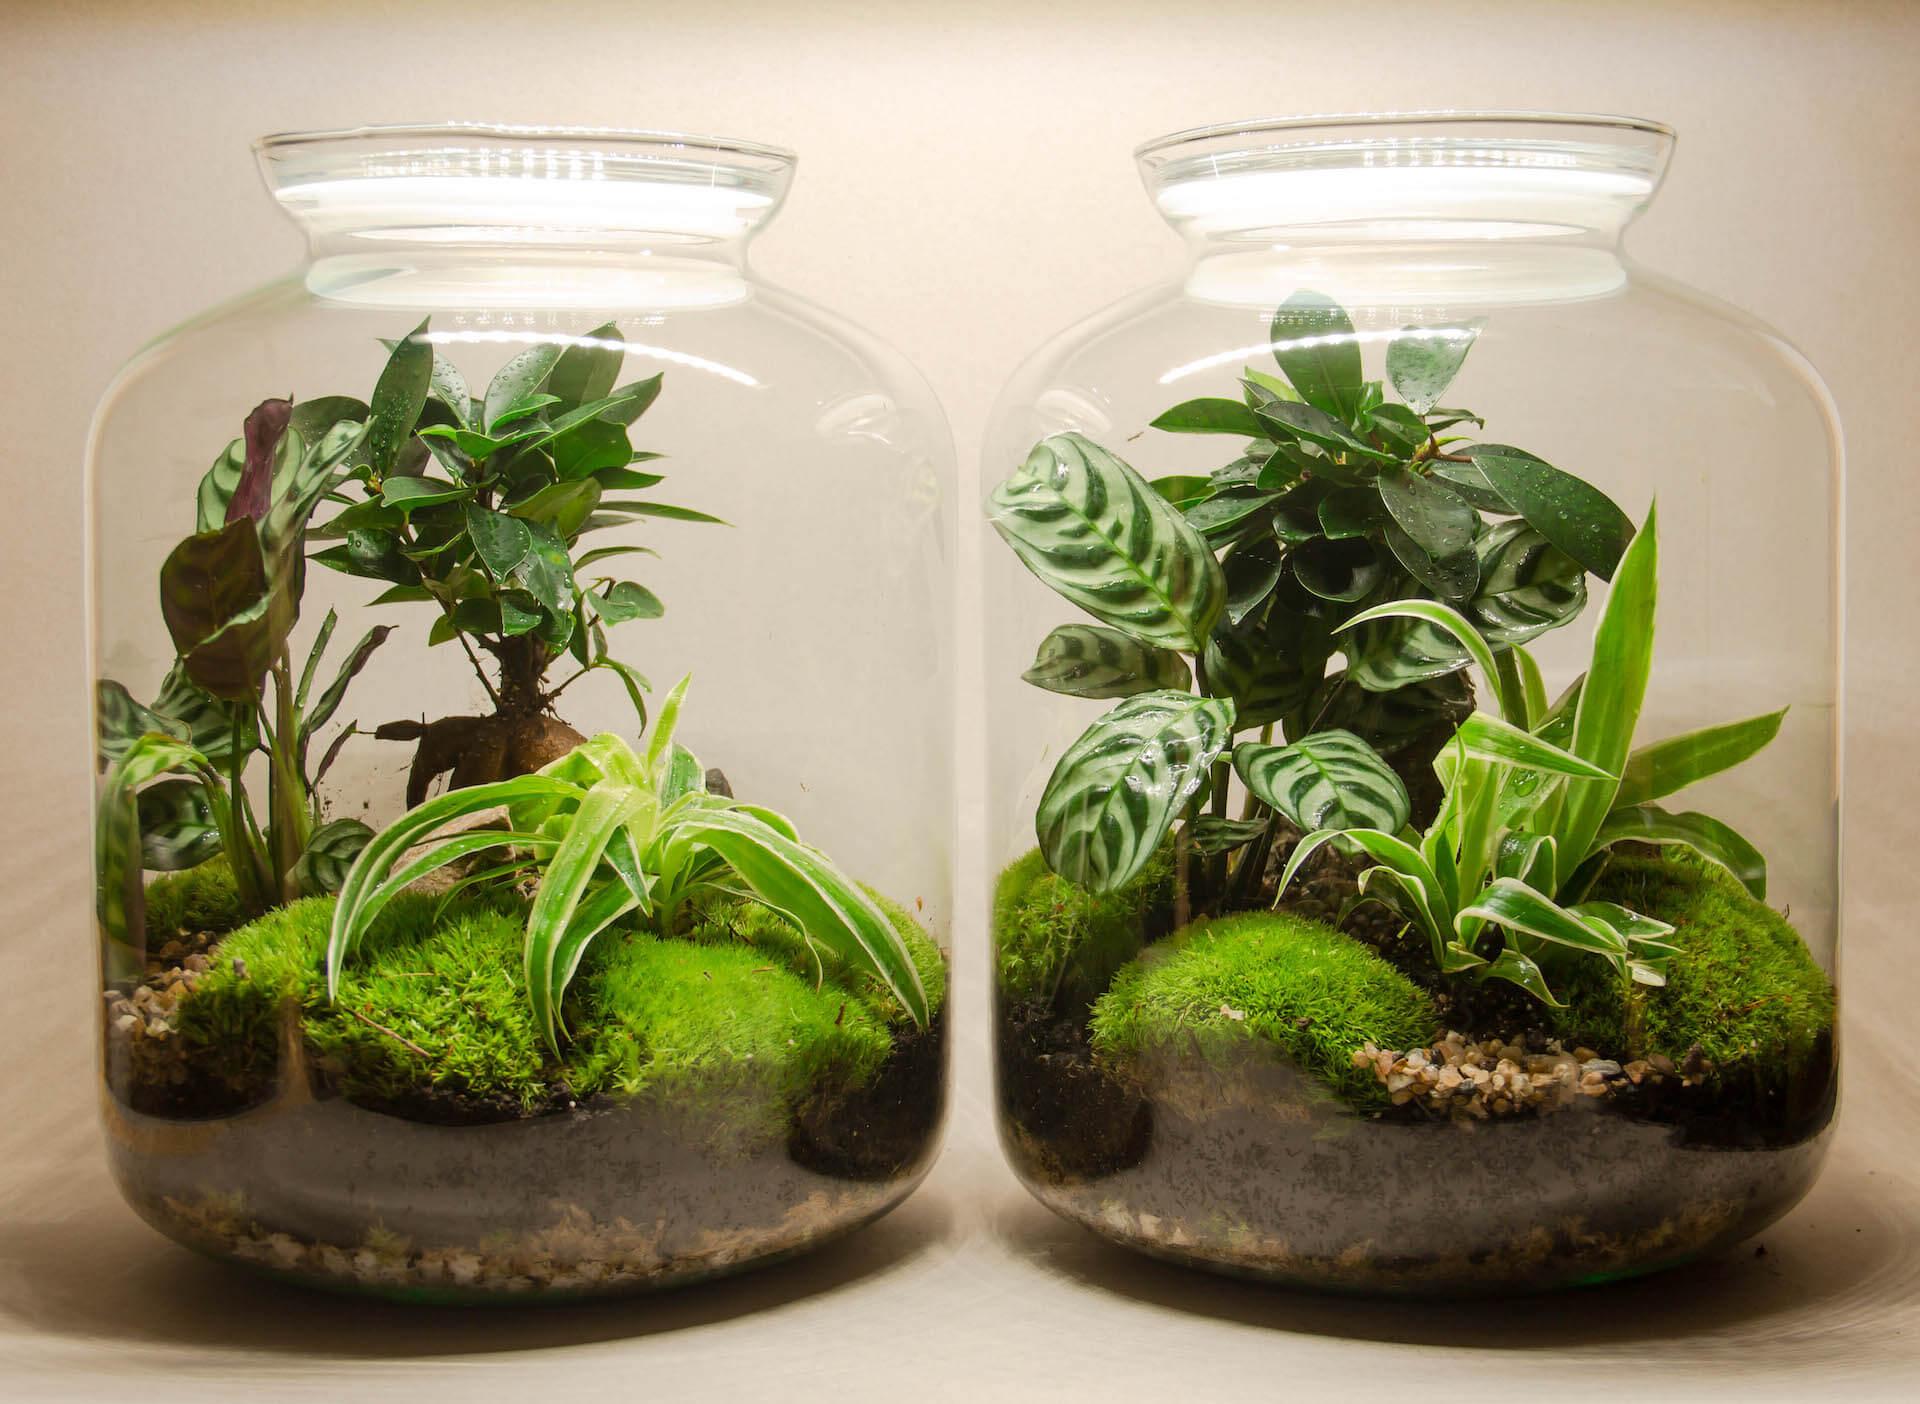 Zelina world rastlinný svet veľkosť XL